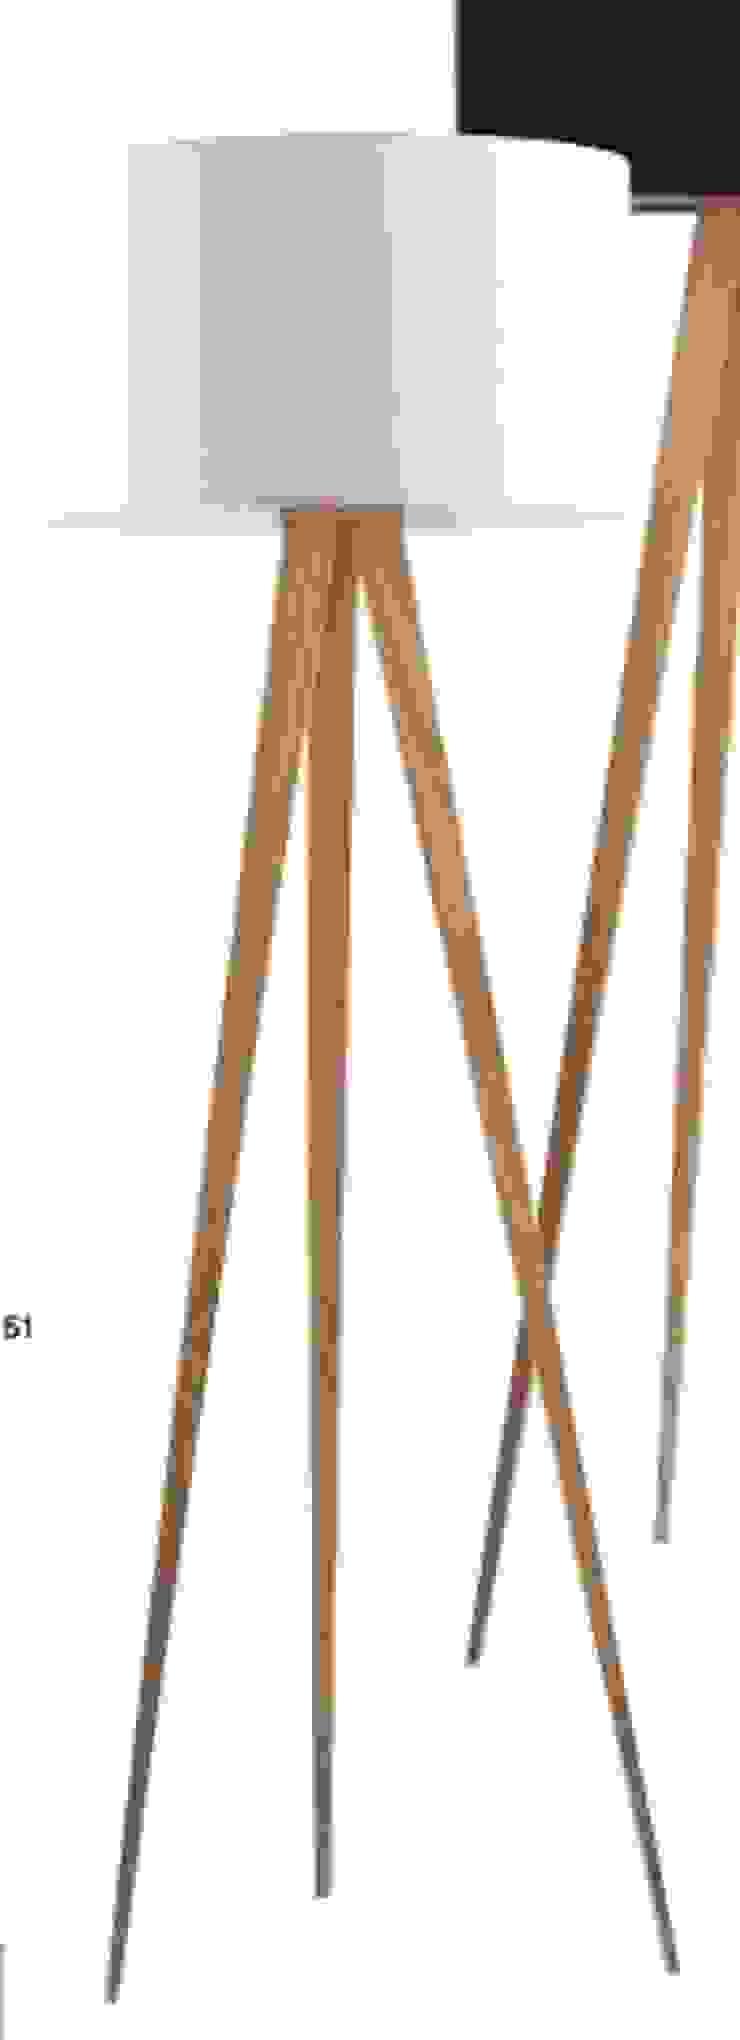 Lámpara de madera de pie de Casada Health & Beauty Moderno